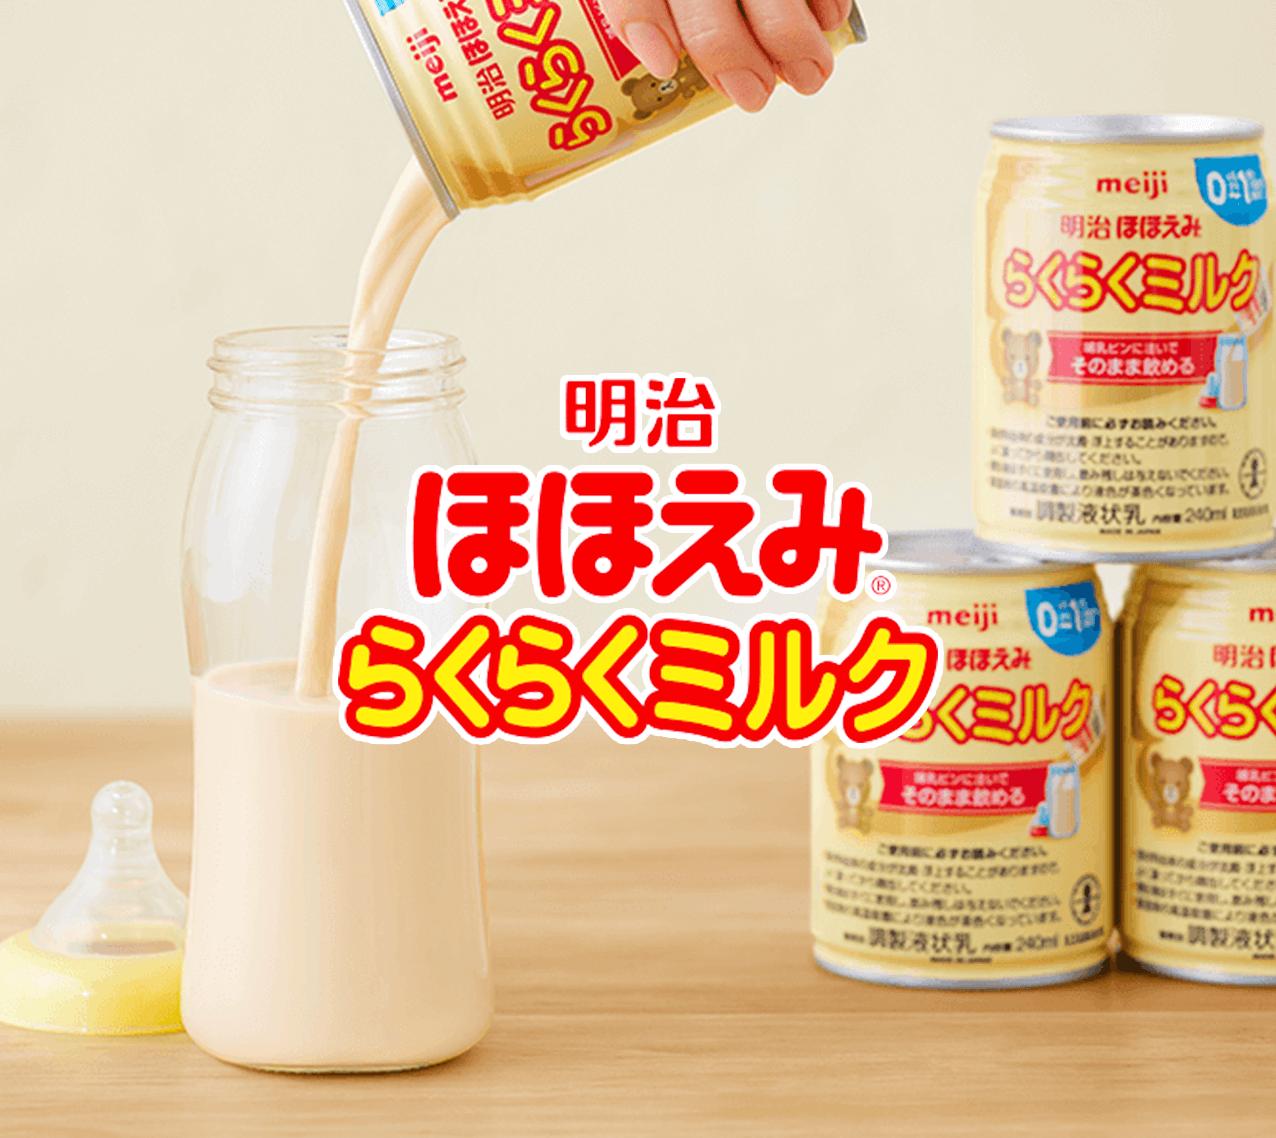 明治ほほえみ らくらくミルクの特徴